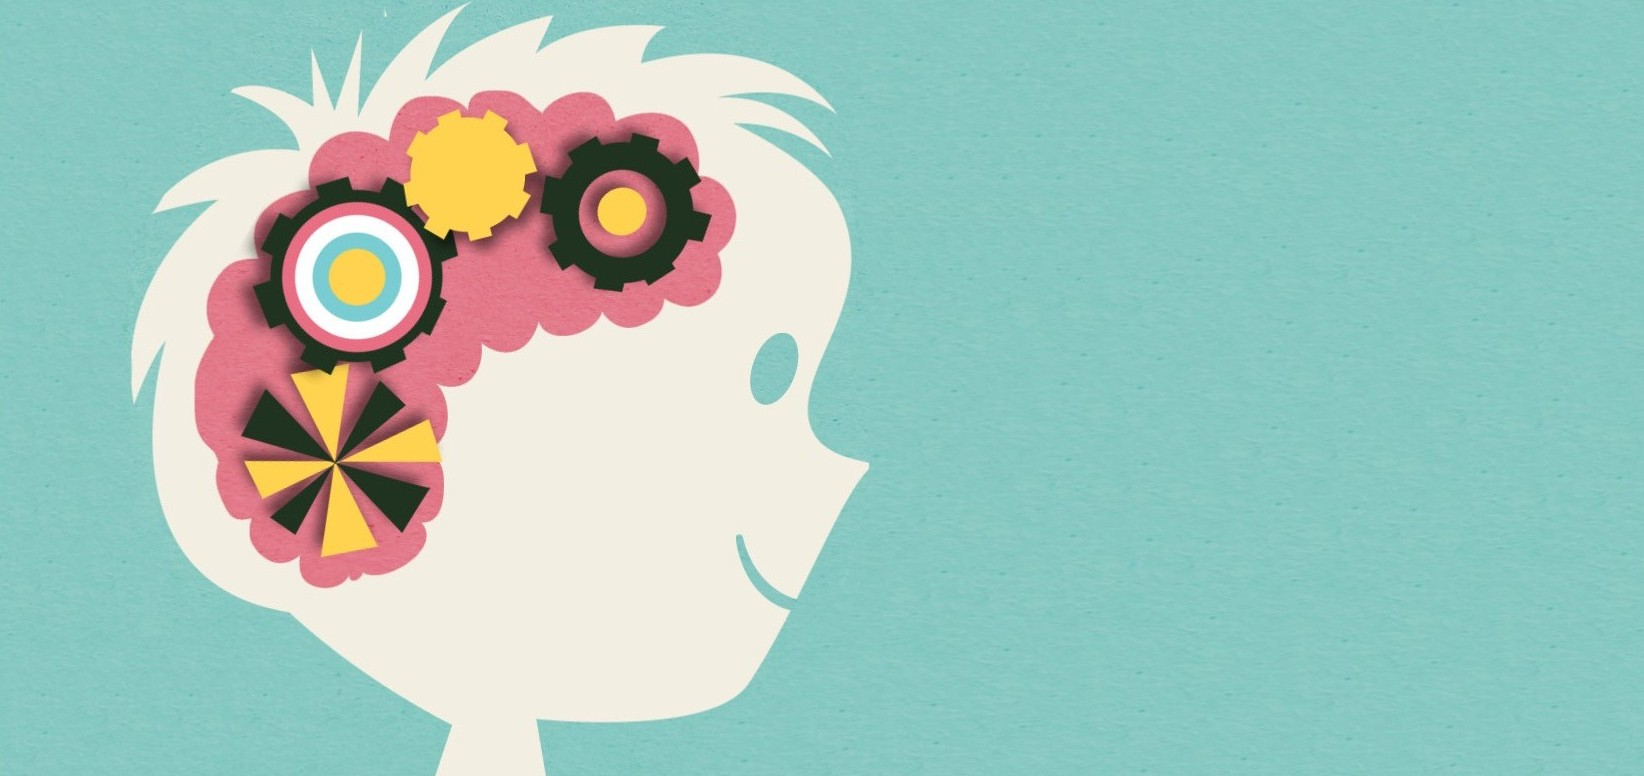 cerebro-feliz-1